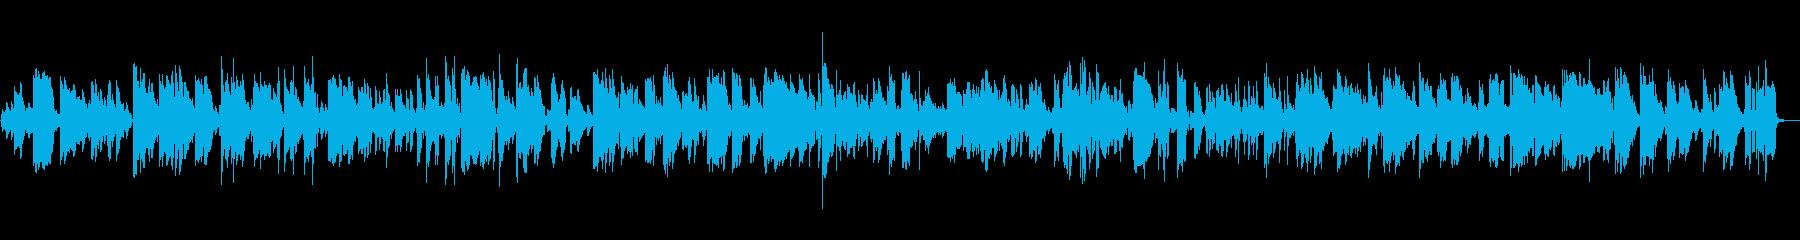 オシャレなJAZZ+BOSSA バラードの再生済みの波形